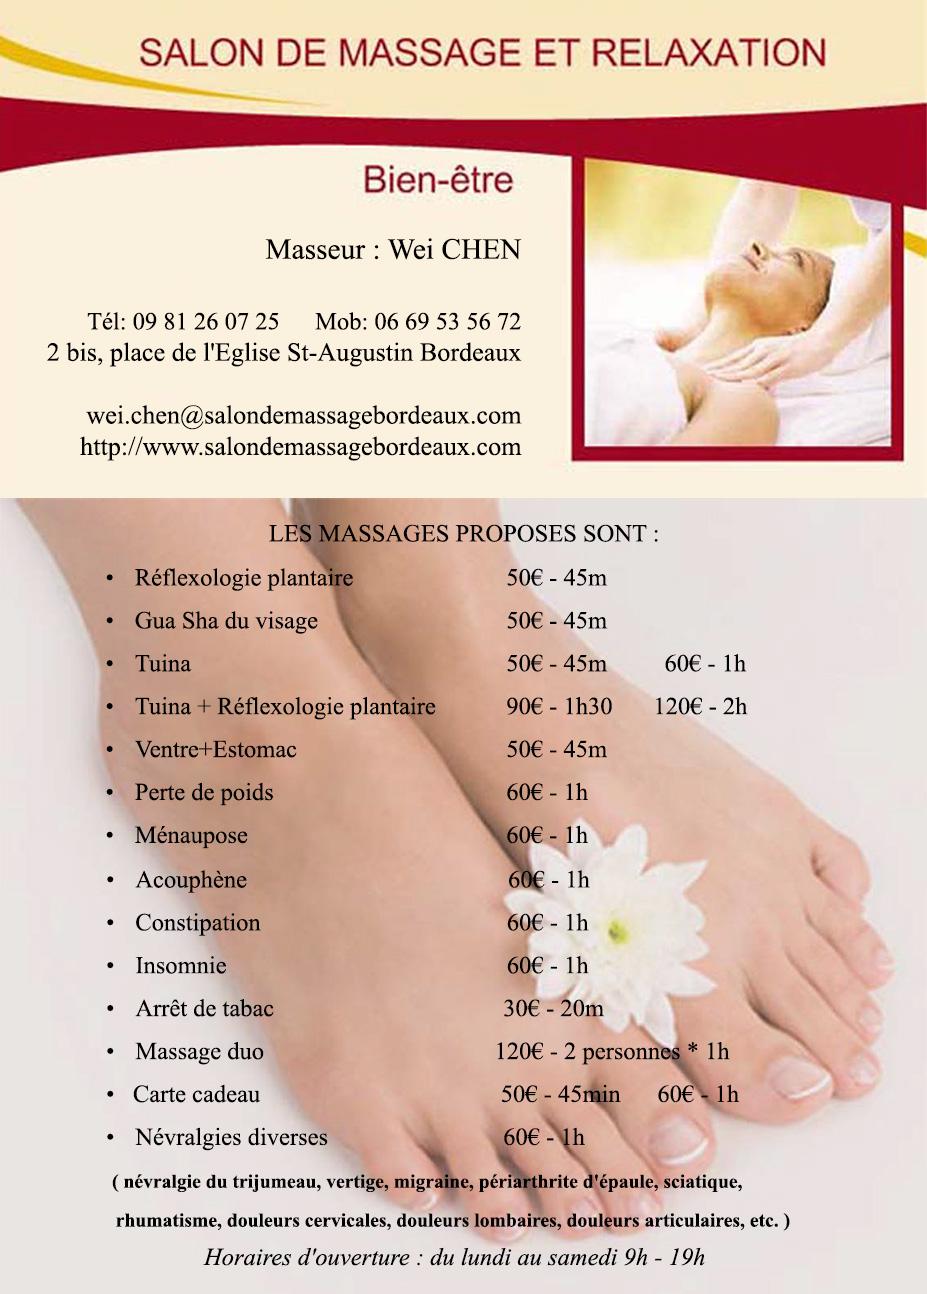 Salon de massage et relaxation chinois bordeaux tarifs - Salon de massage pour couple ...